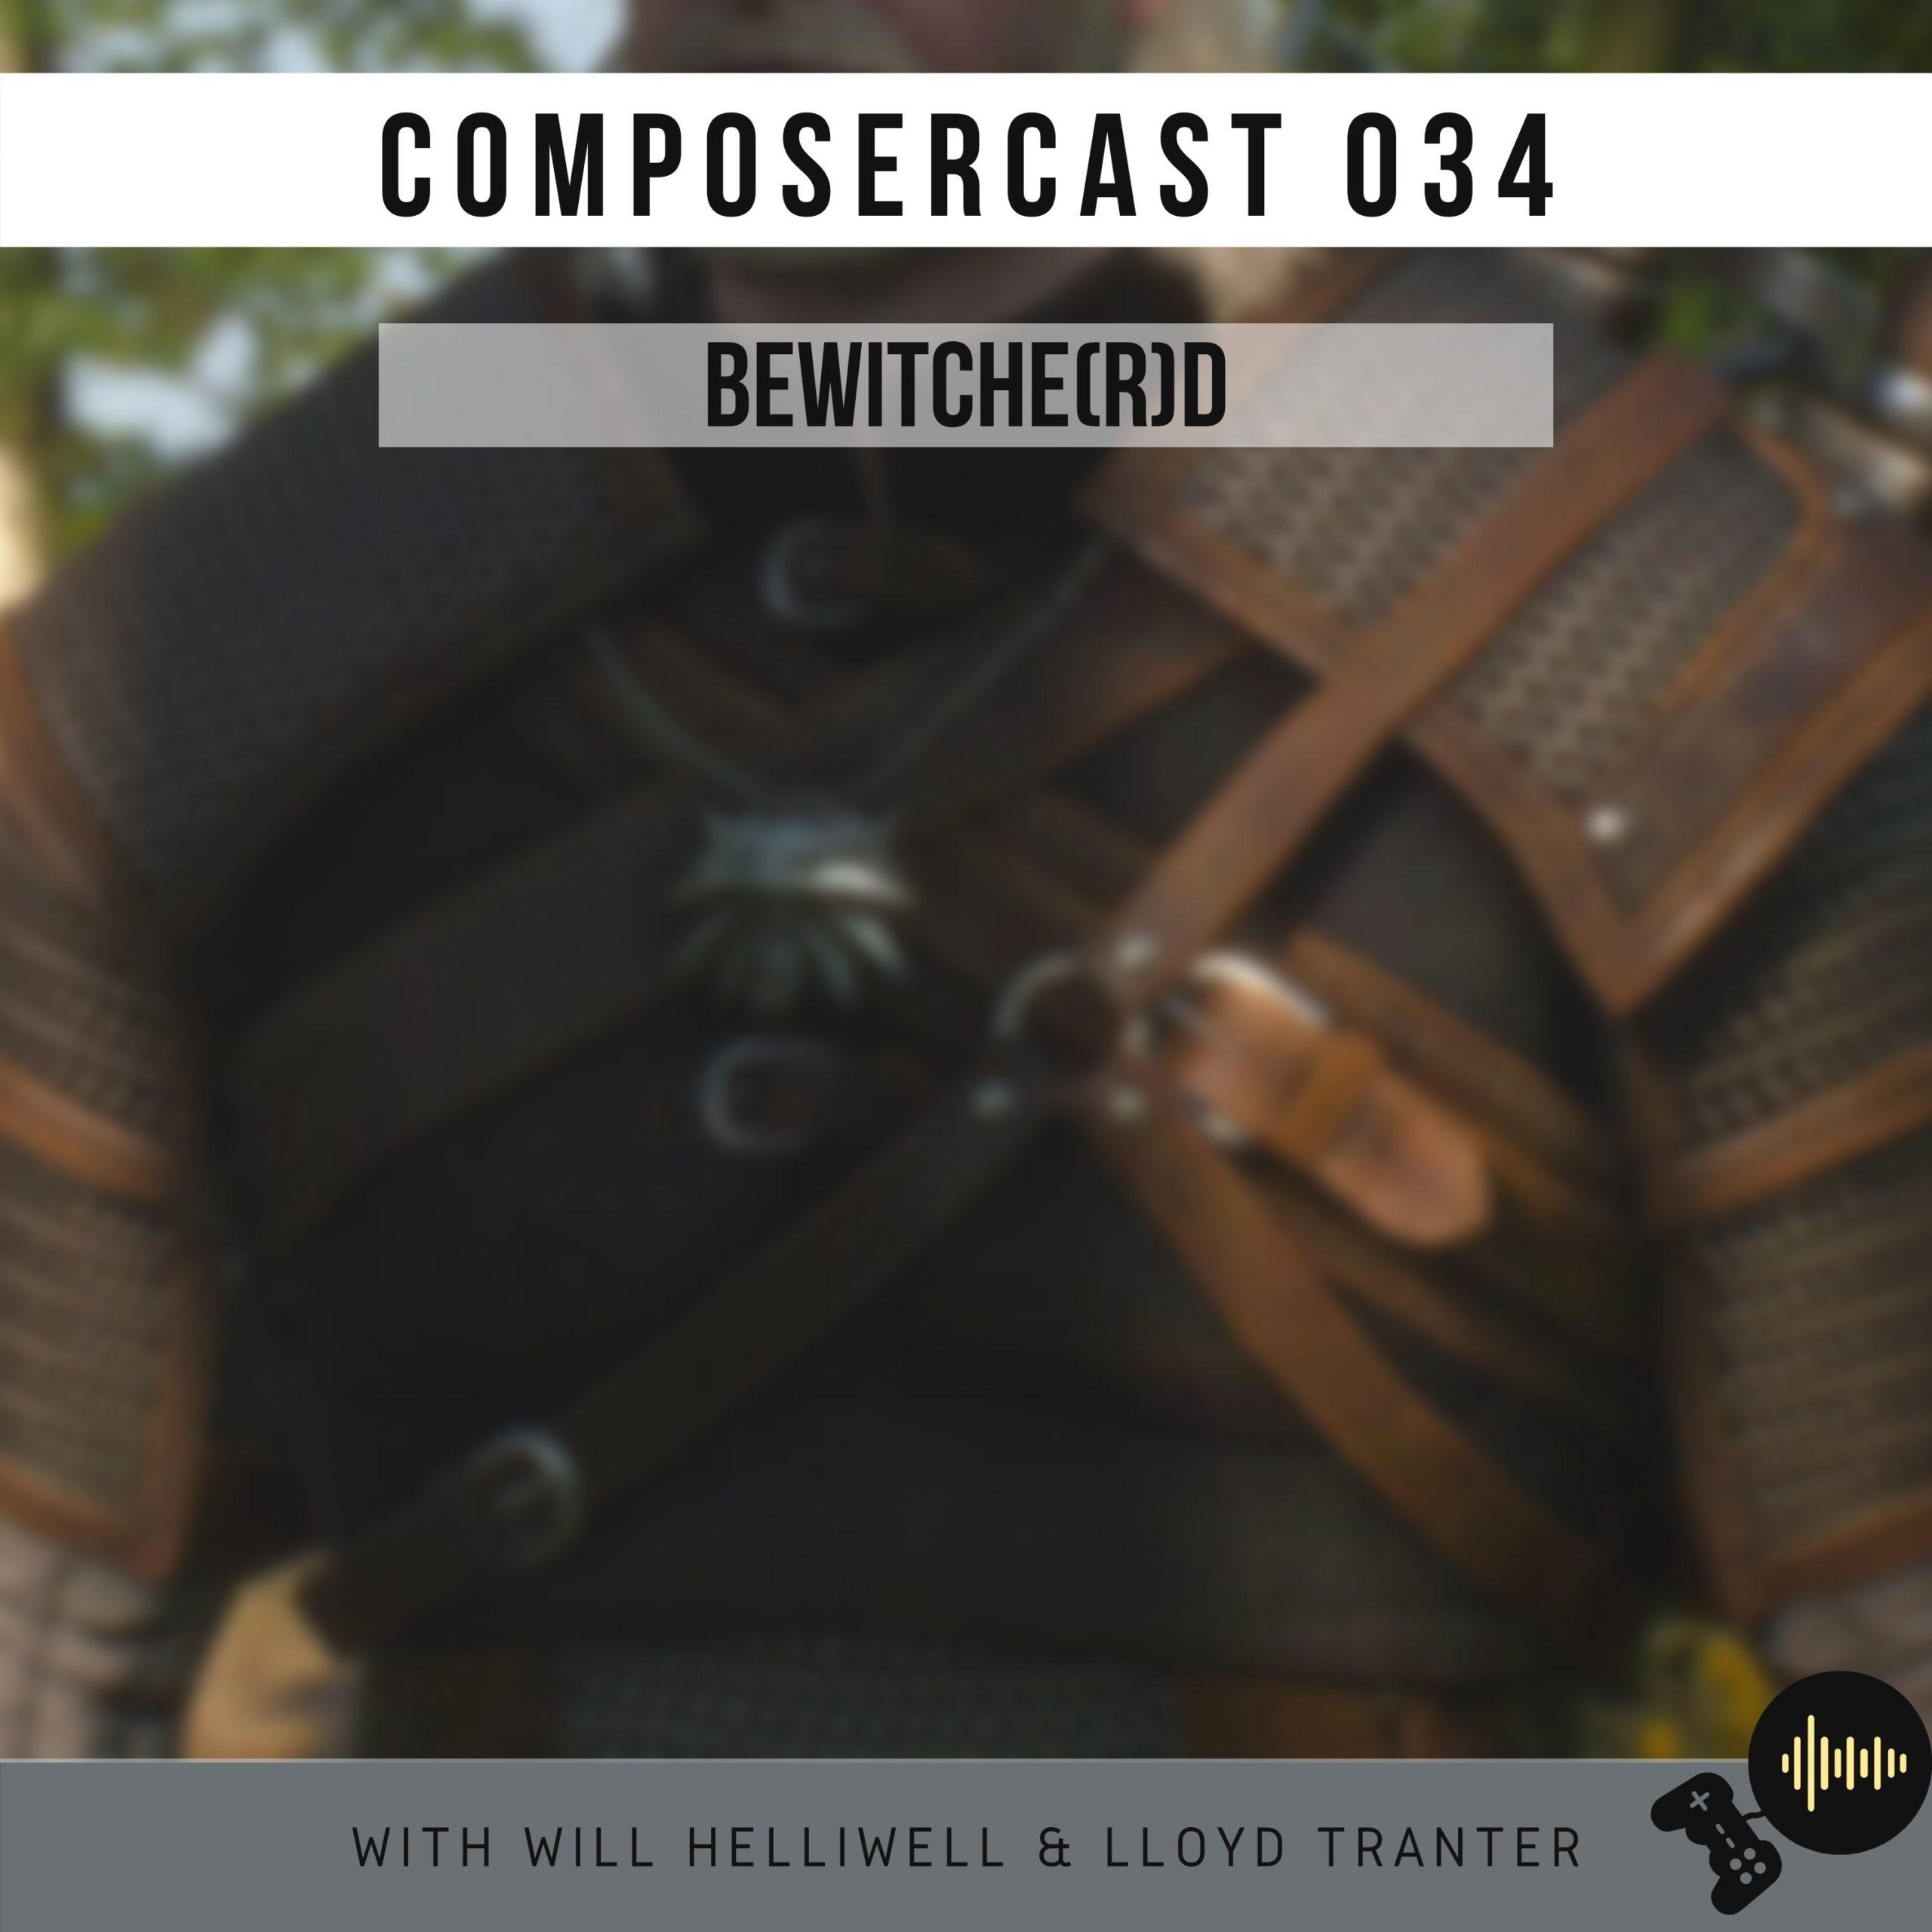 ComposerCast 034